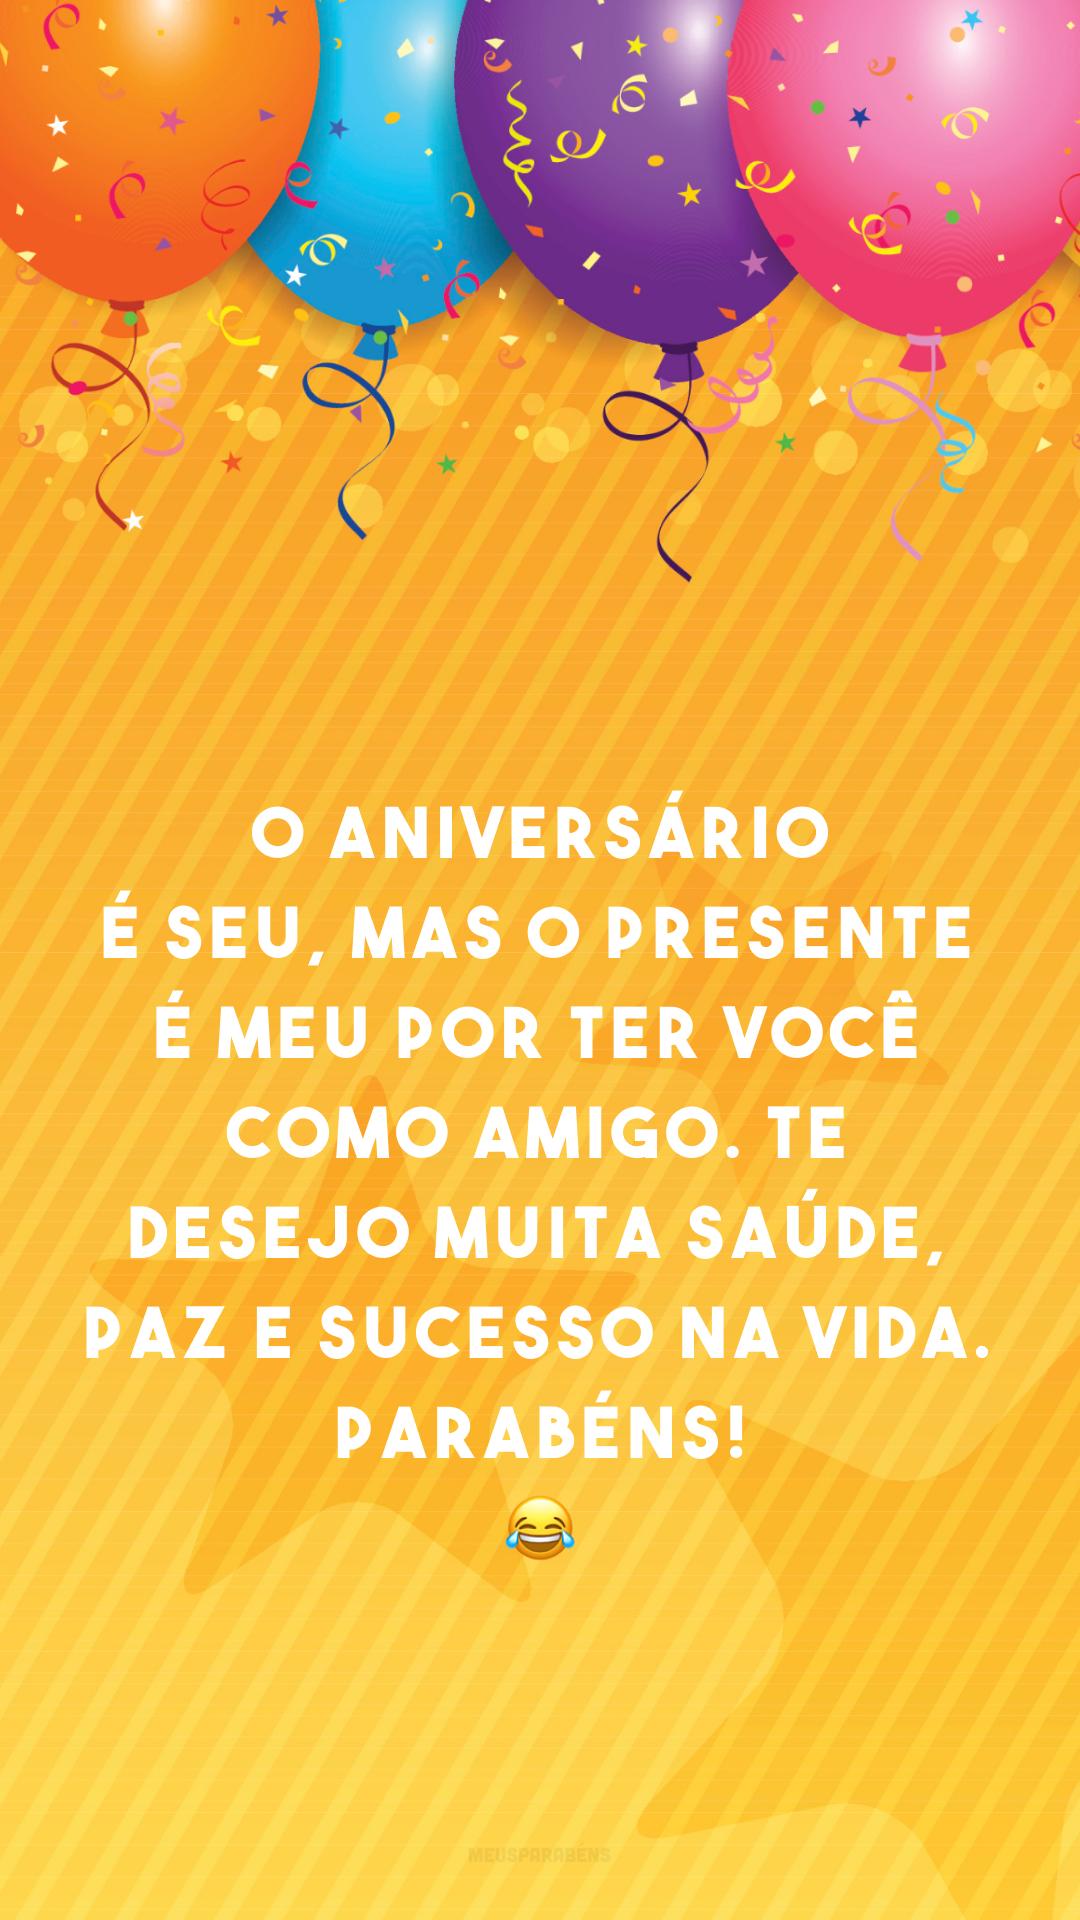 O aniversário é seu, mas o presente é meu por ter você como amigo. Te desejo muita saúde, paz e sucesso na vida. Parabéns! 😂